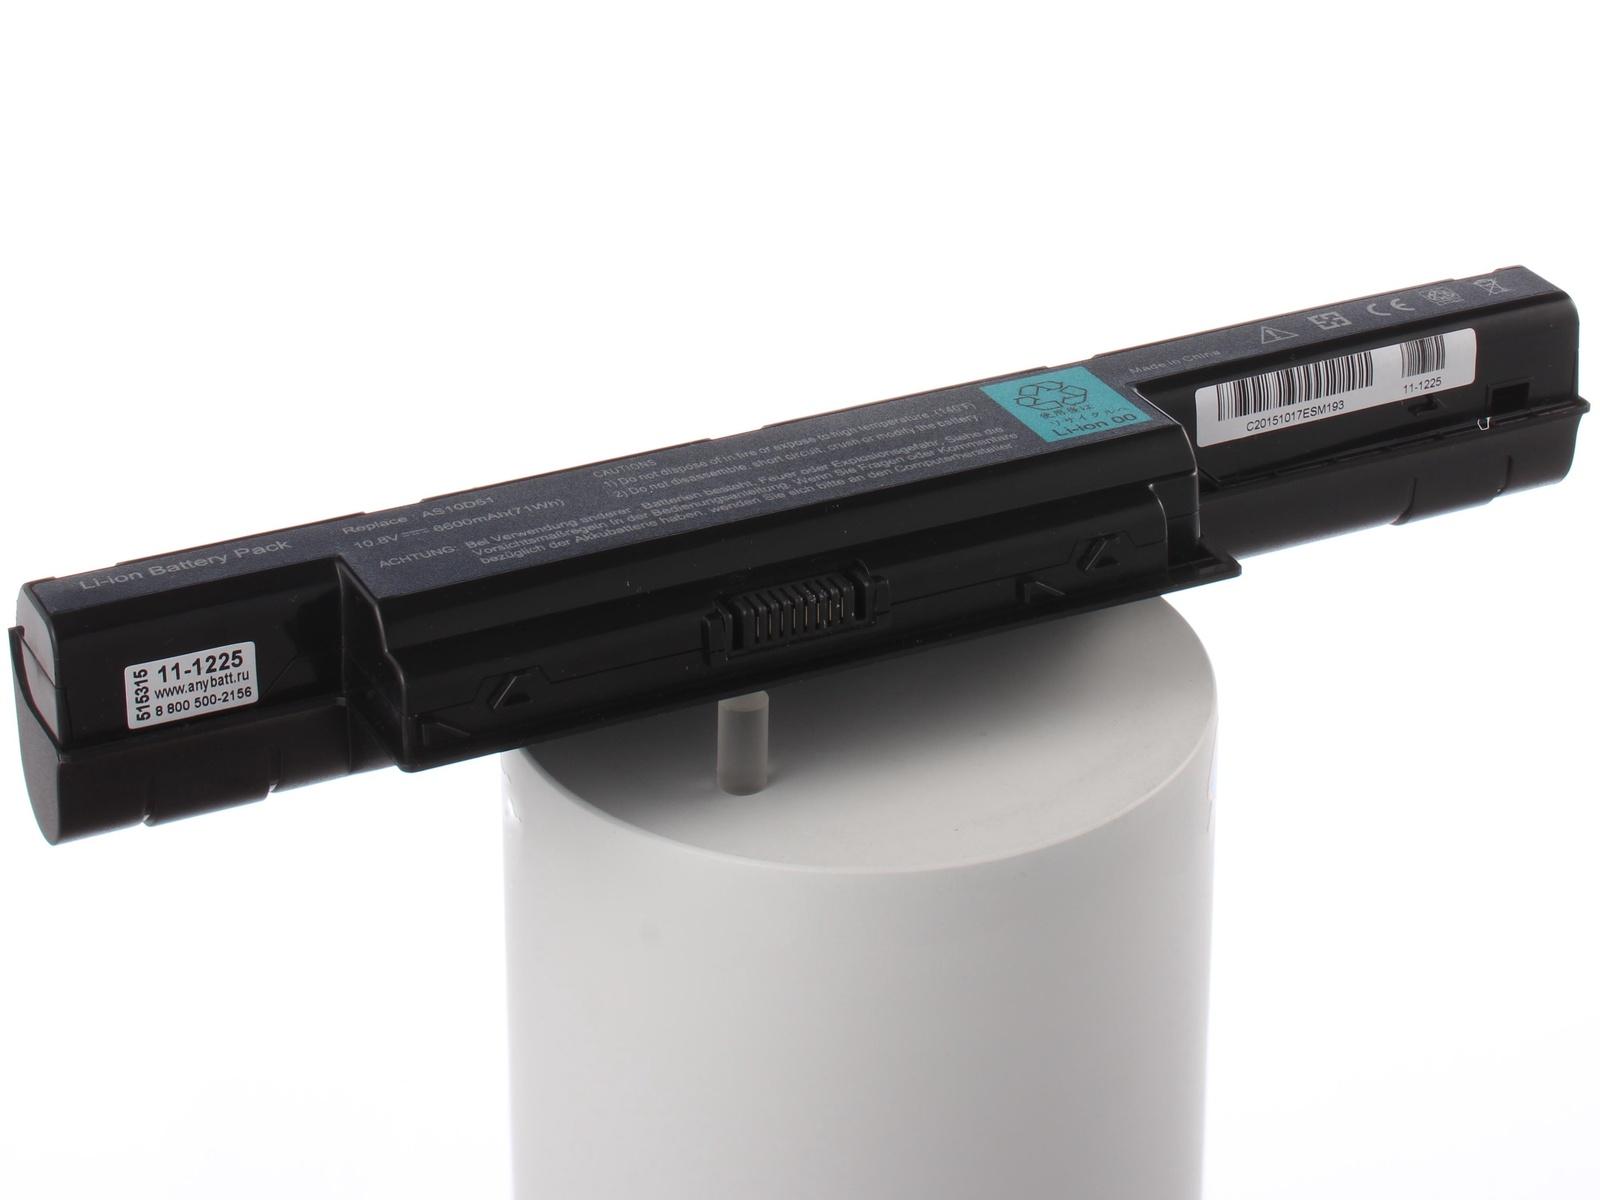 Аккумулятор для ноутбука AnyBatt для Acer Aspire V3-571-53234G50Ma, Aspire V3-571G-33124G50Ma, Aspire V3-771G-33114G50Makk, Aspire V3-771G-73618G1TMaii, Aspire V3-772G-34004G75Ma, Aspire V3-772G-54208G1TMakk подставка для телевизора акма v3 600 10viz